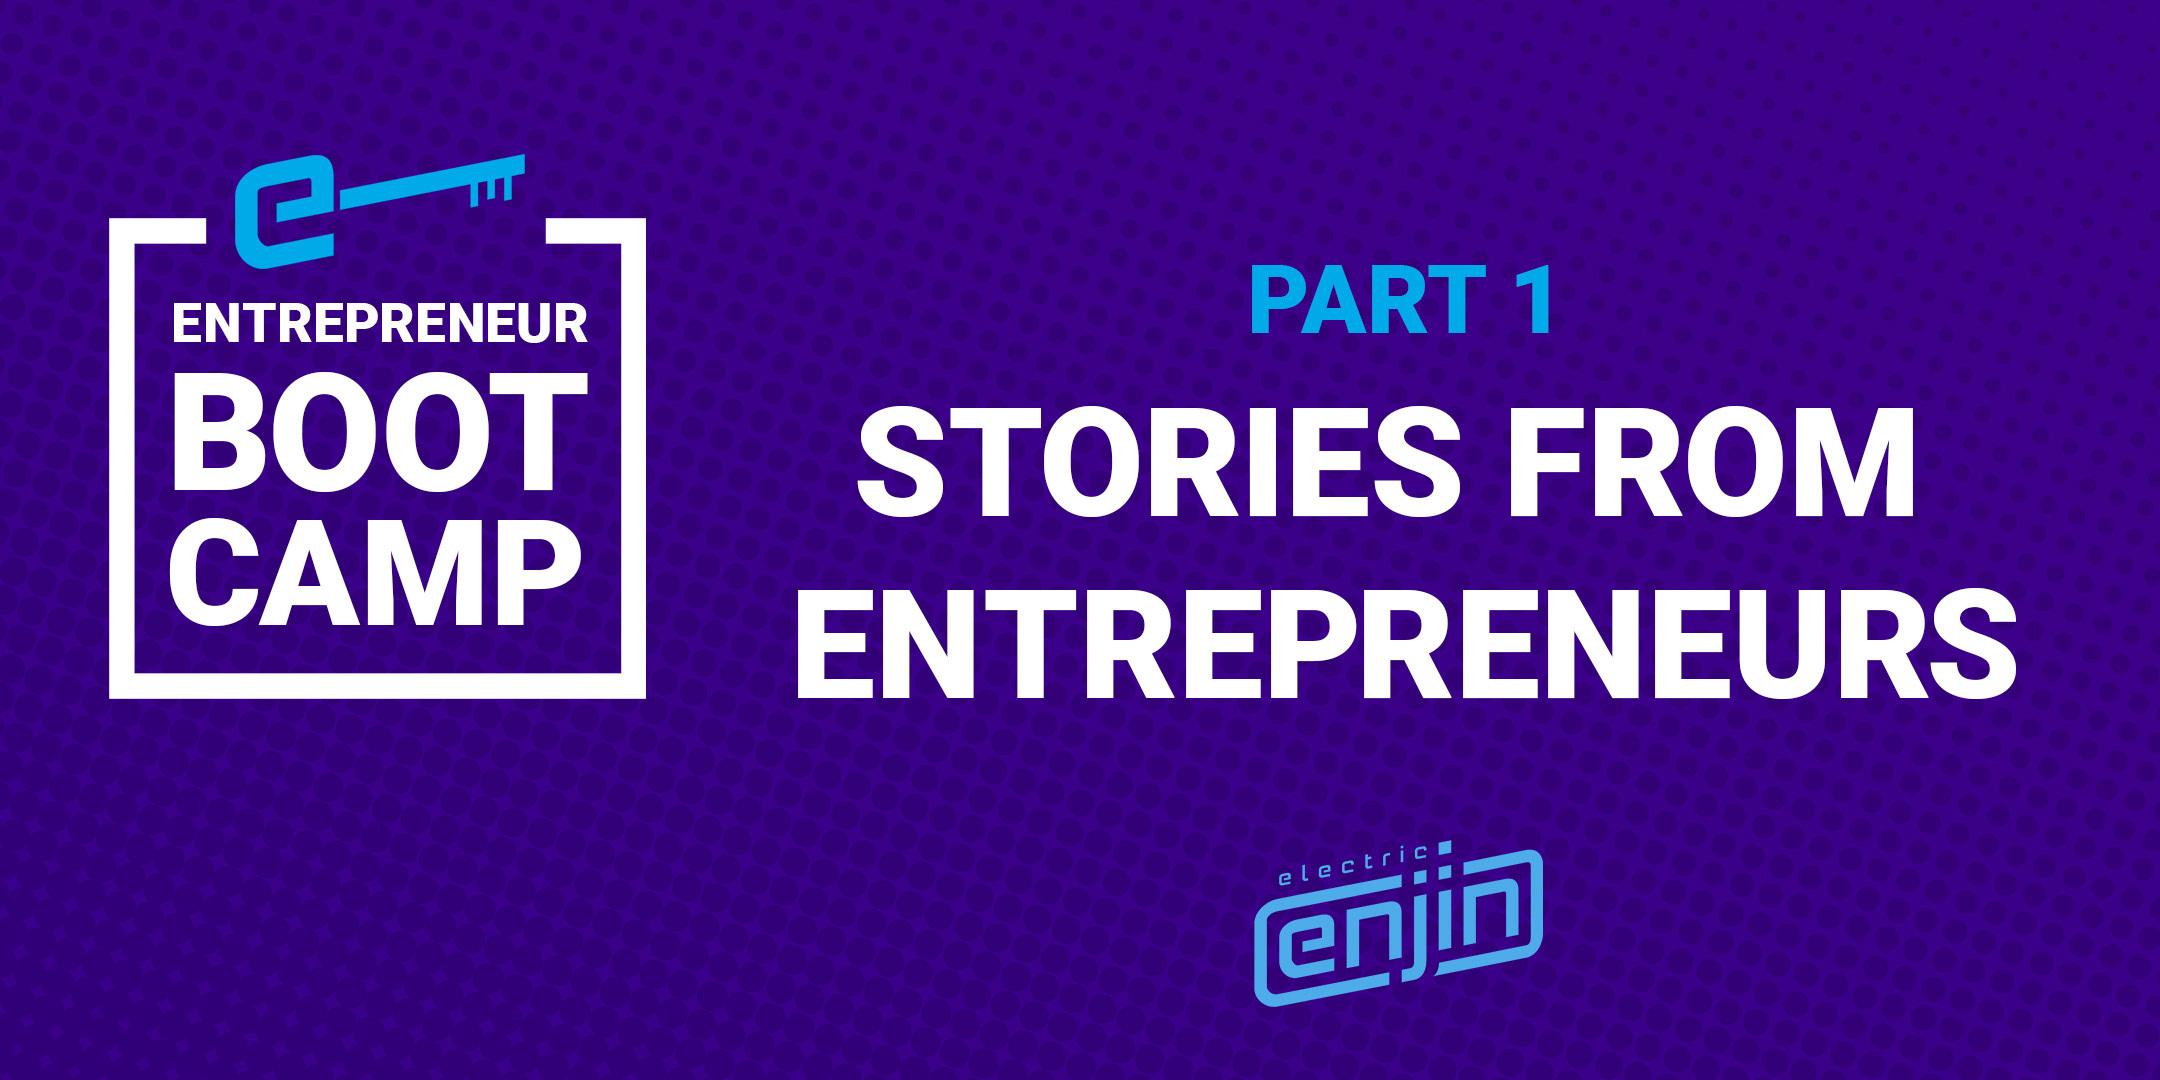 Entrepreneurs Boot Camp Recap: Session 1 - Stories From Entrepreneurs